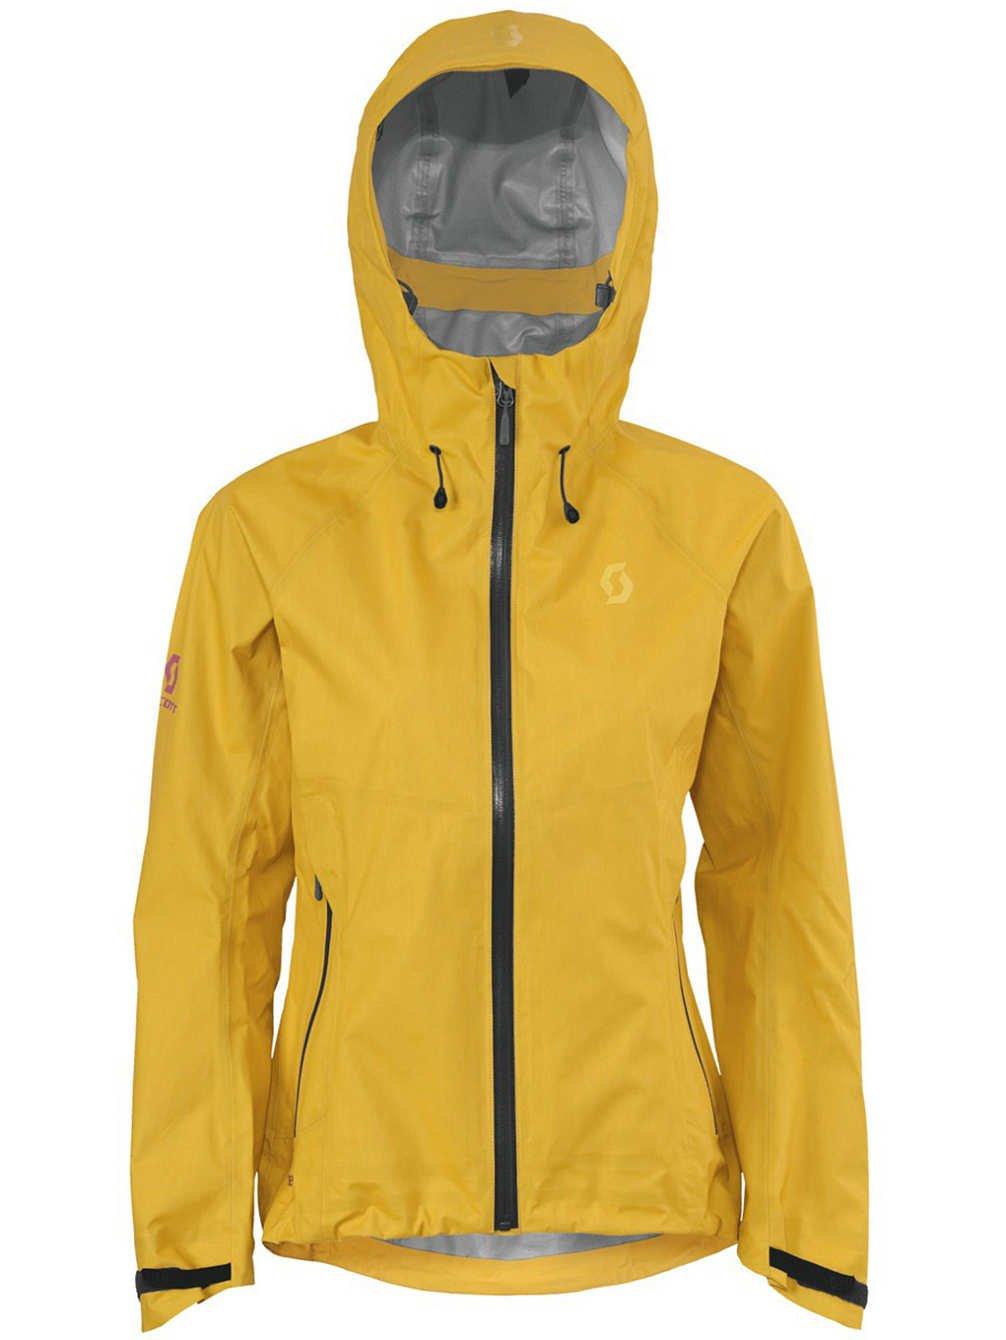 Damen Snowboard Jacke Scott Crusair Jacket günstig online kaufen